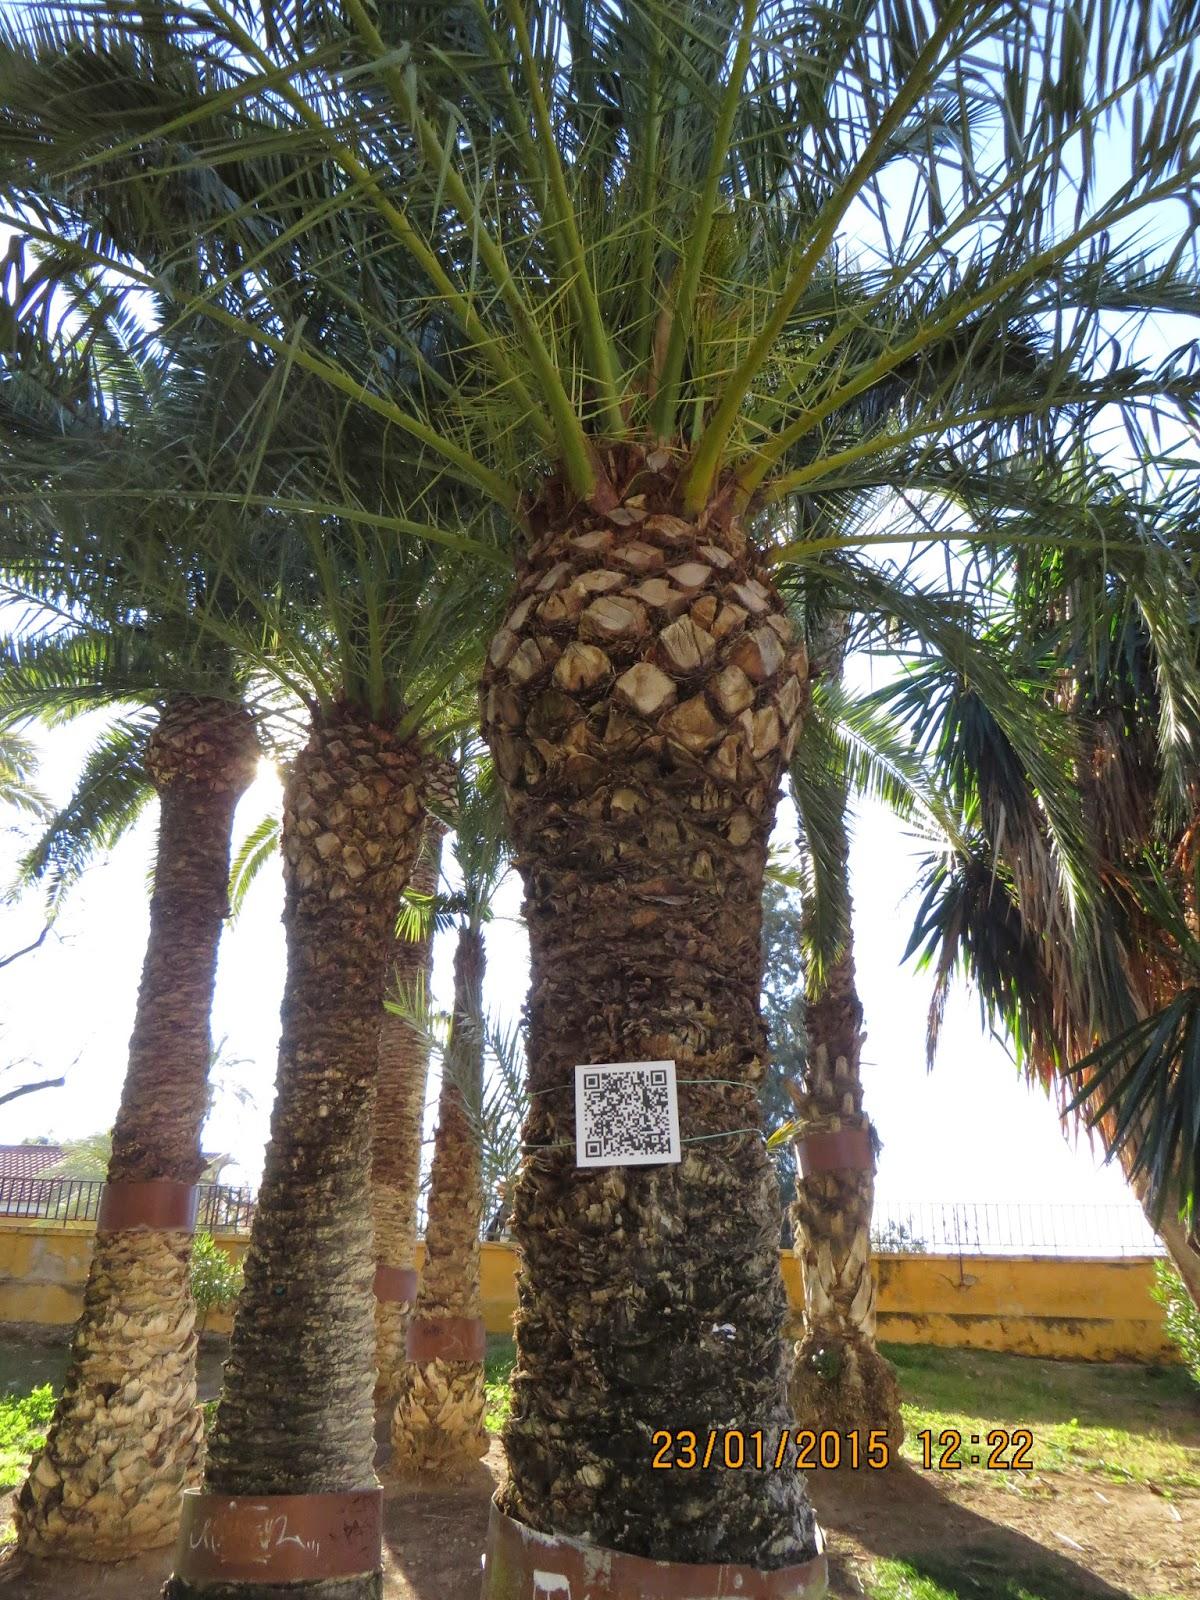 Pajaricos de murcia c digos qr en el jard n bot nico del for Informacion sobre el jardin botanico